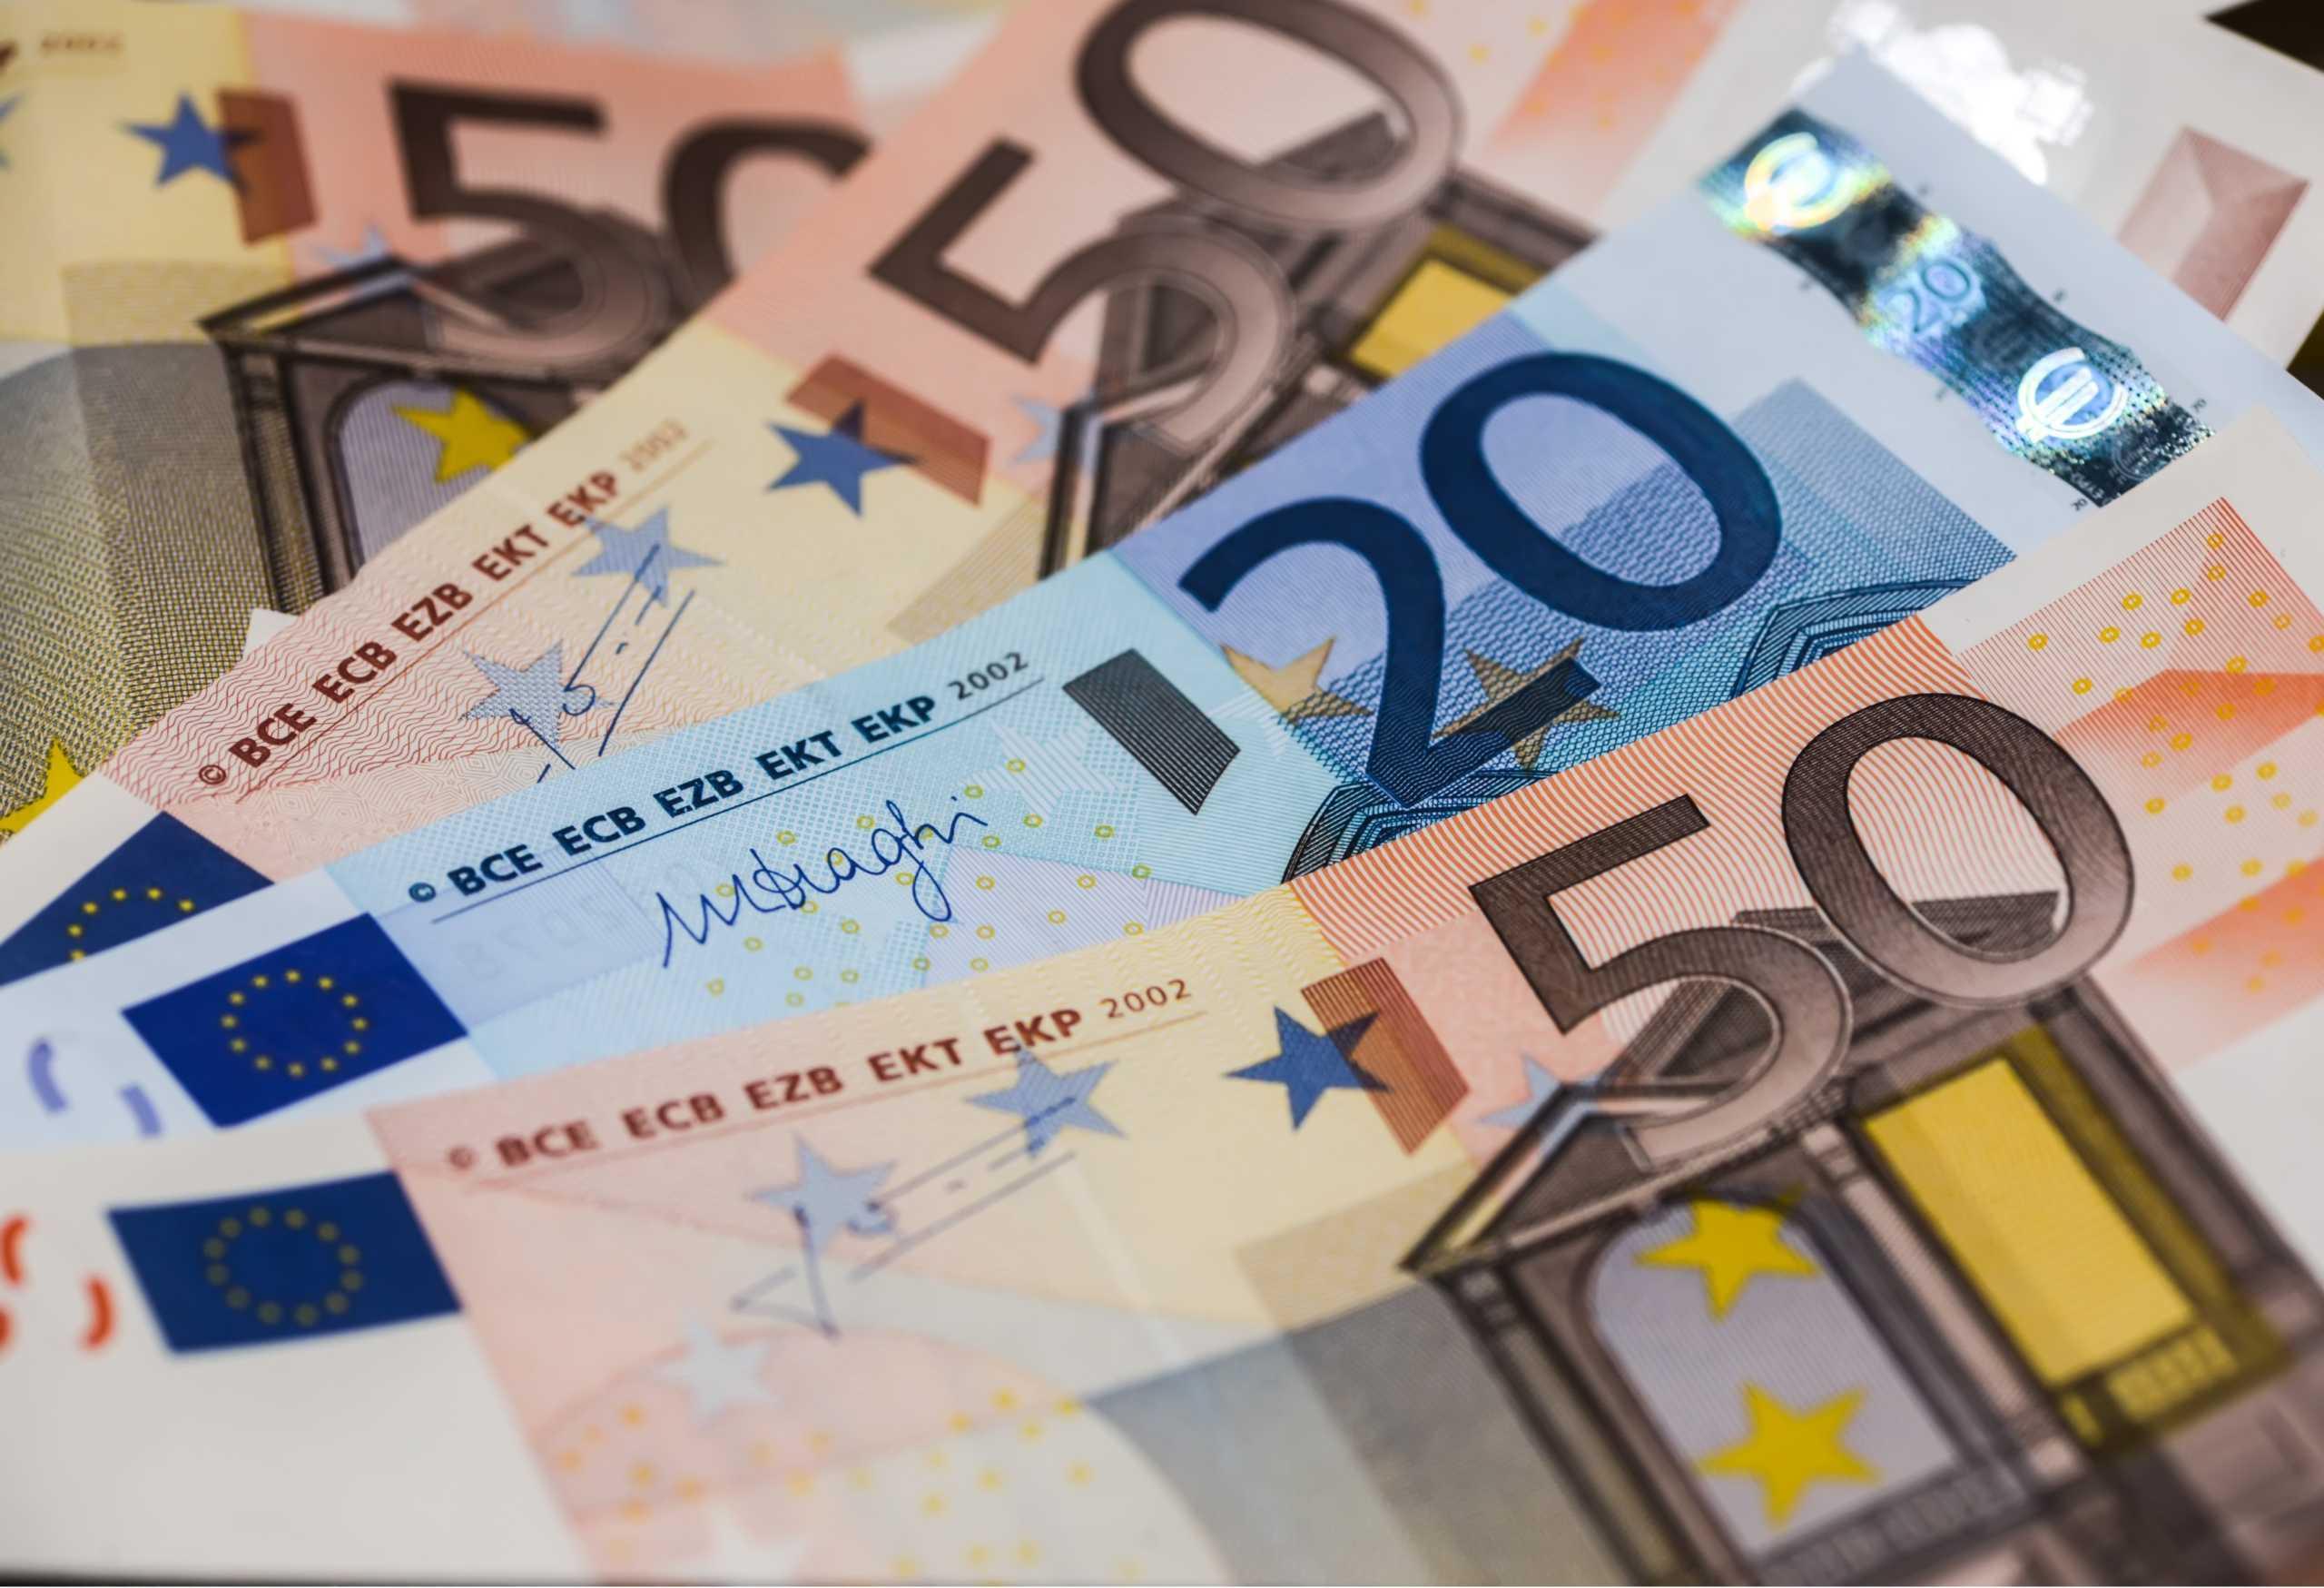 Είχε εξαπατήσει τουλάχιστον 15 ηλικιωμένους! Πάνω από 133.000 ευρώ η λεία του ταξιτζή!